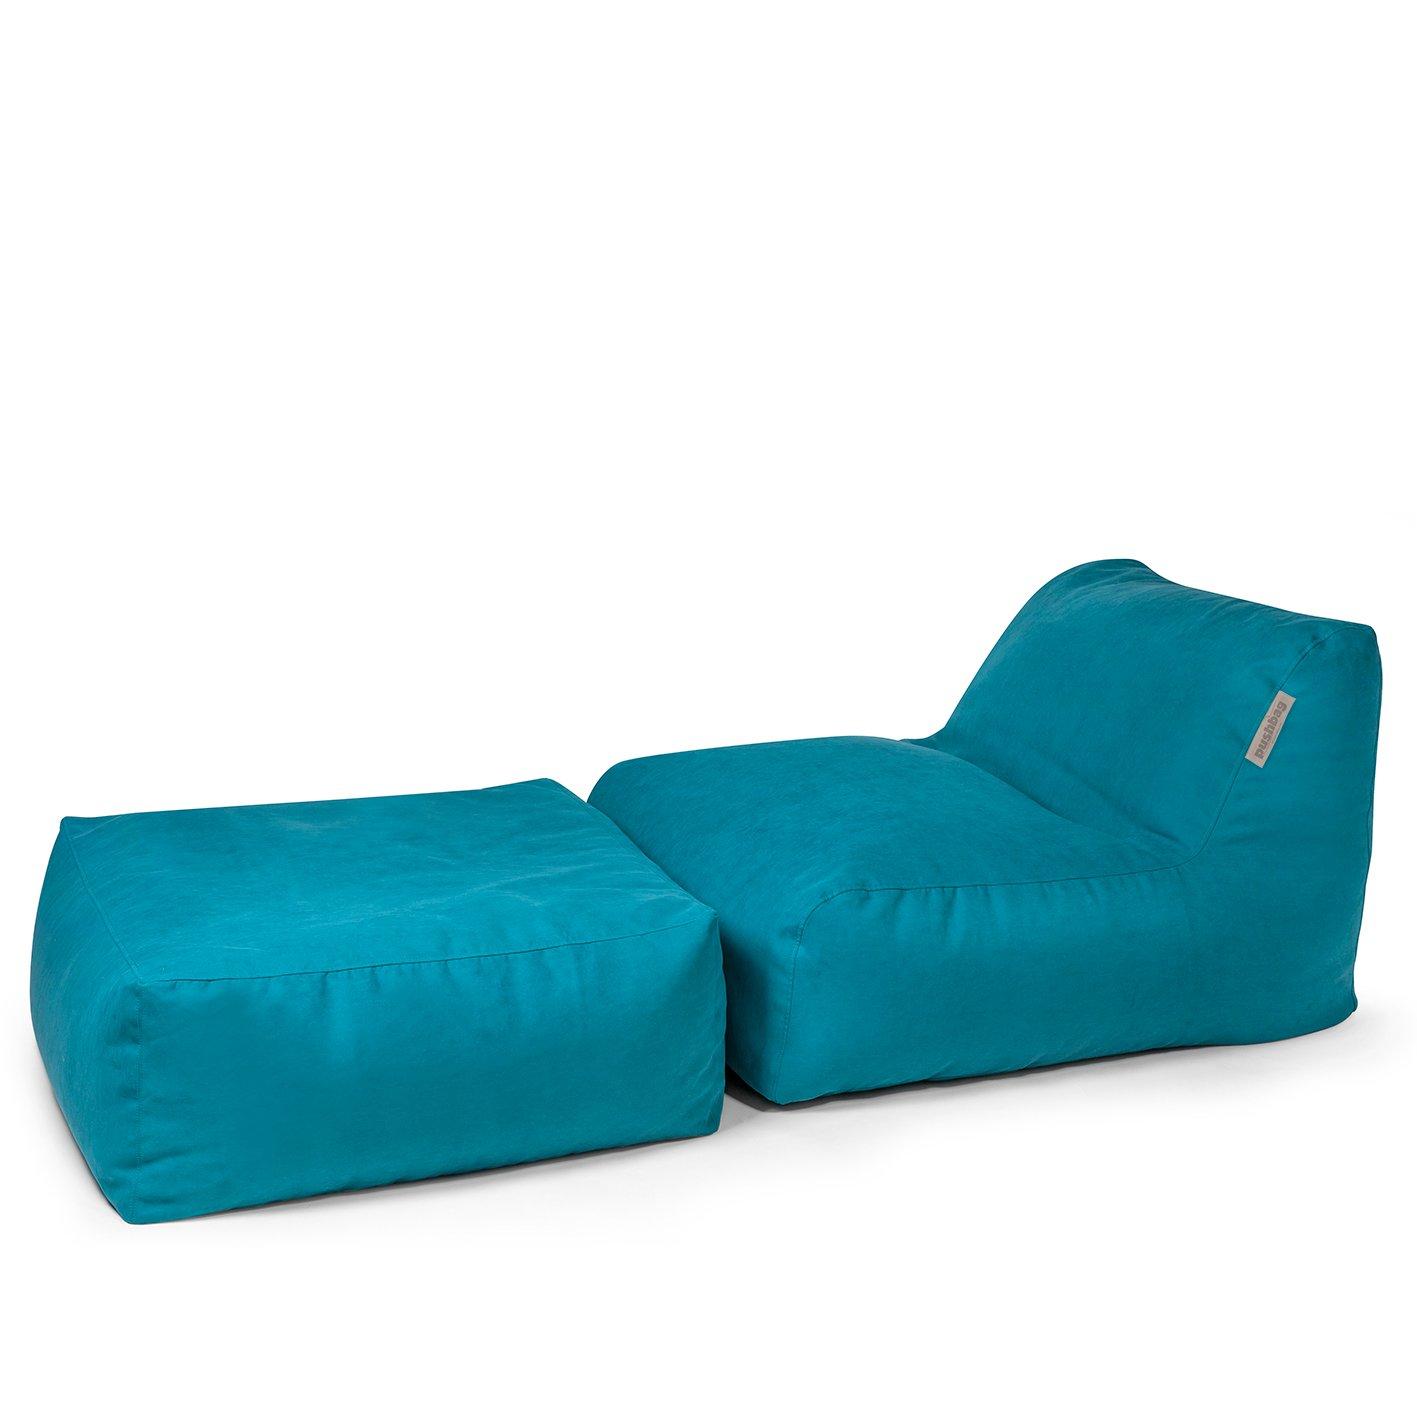 Pushbag Sitzsack Chair und Easy im Set, (Polyester), 750l, petrol günstig online kaufen